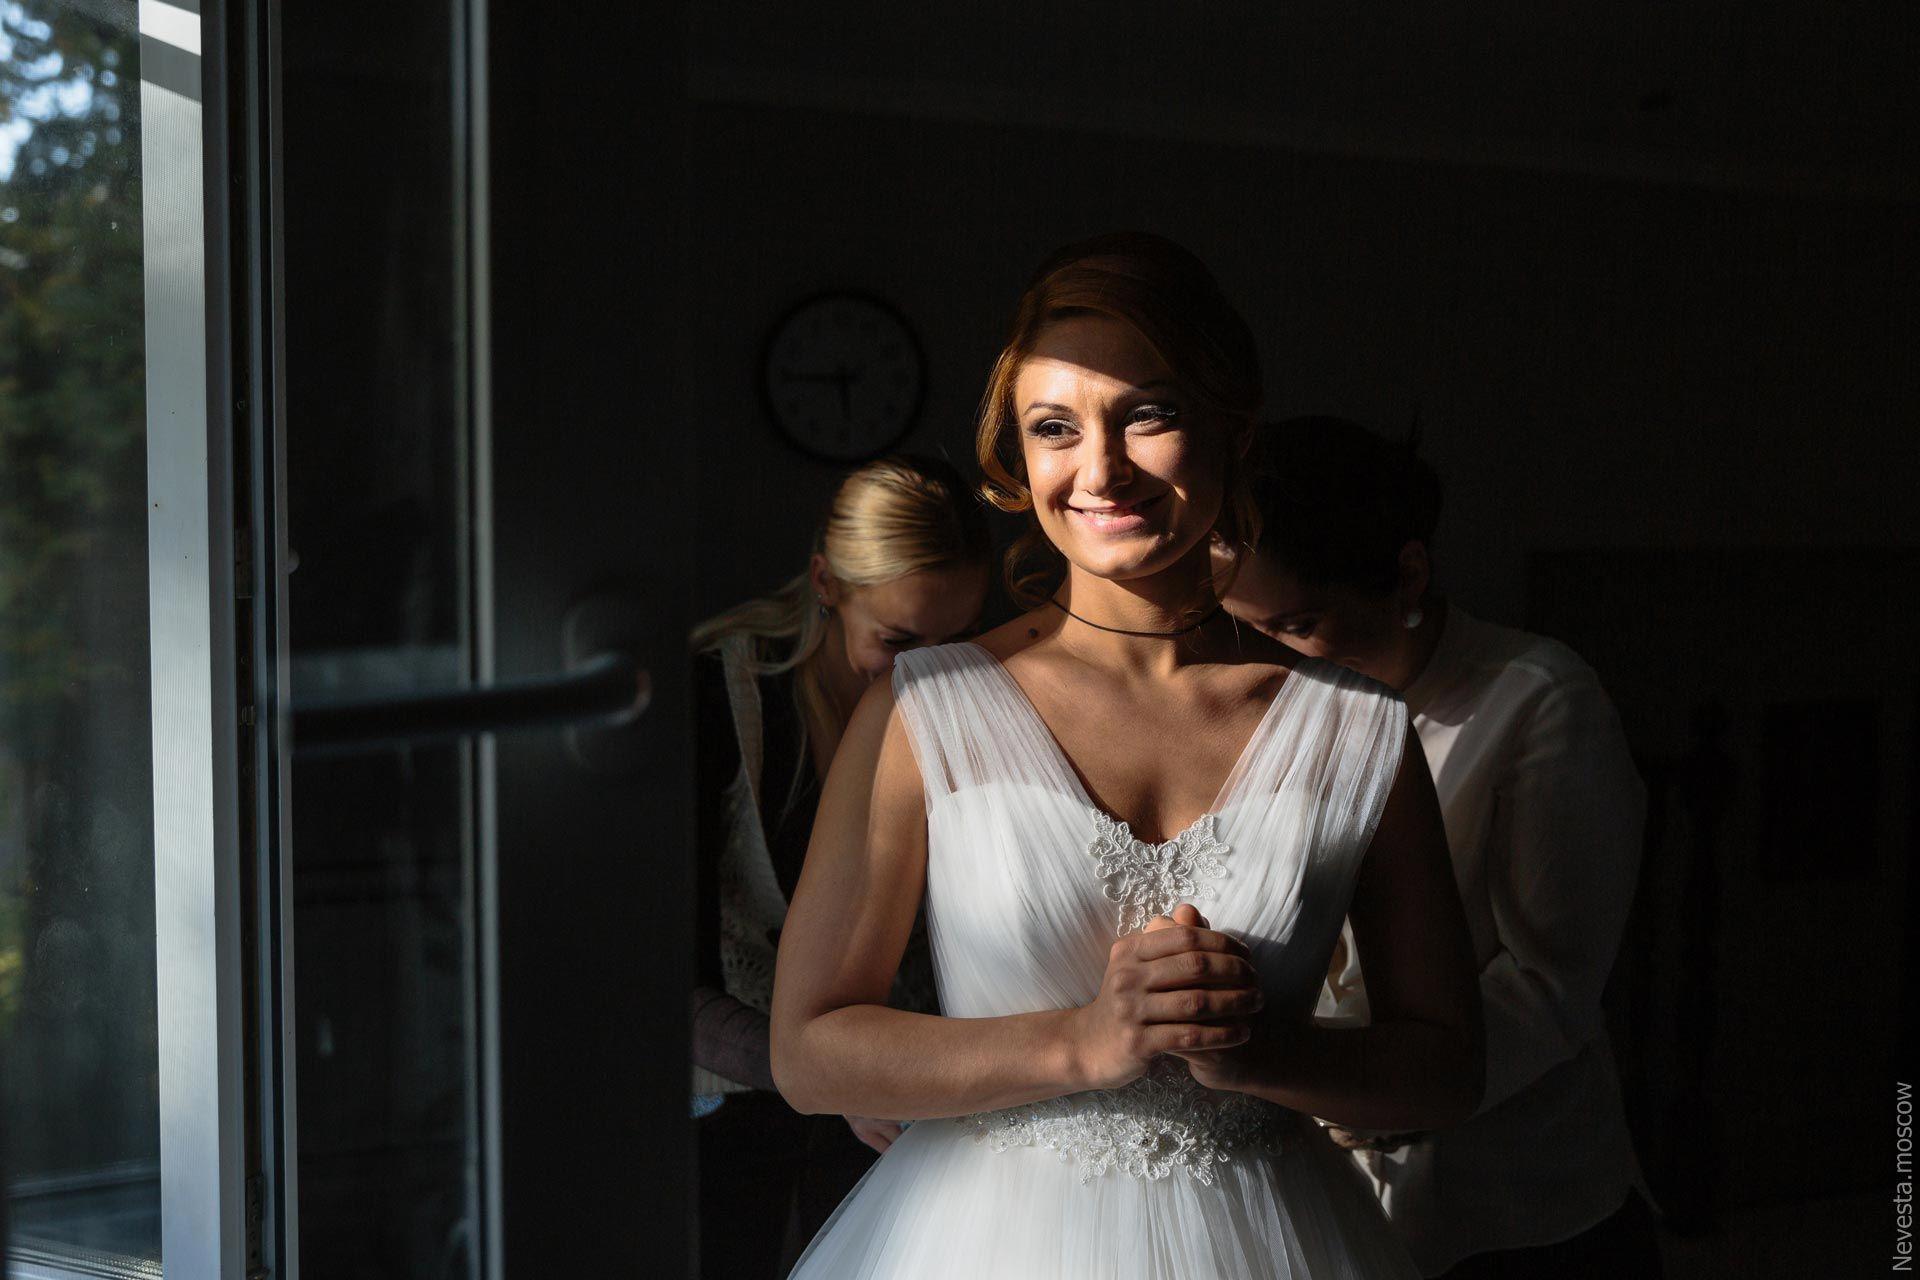 Свадьба Карины Мишулиной и Ивана Коробова, фото 4